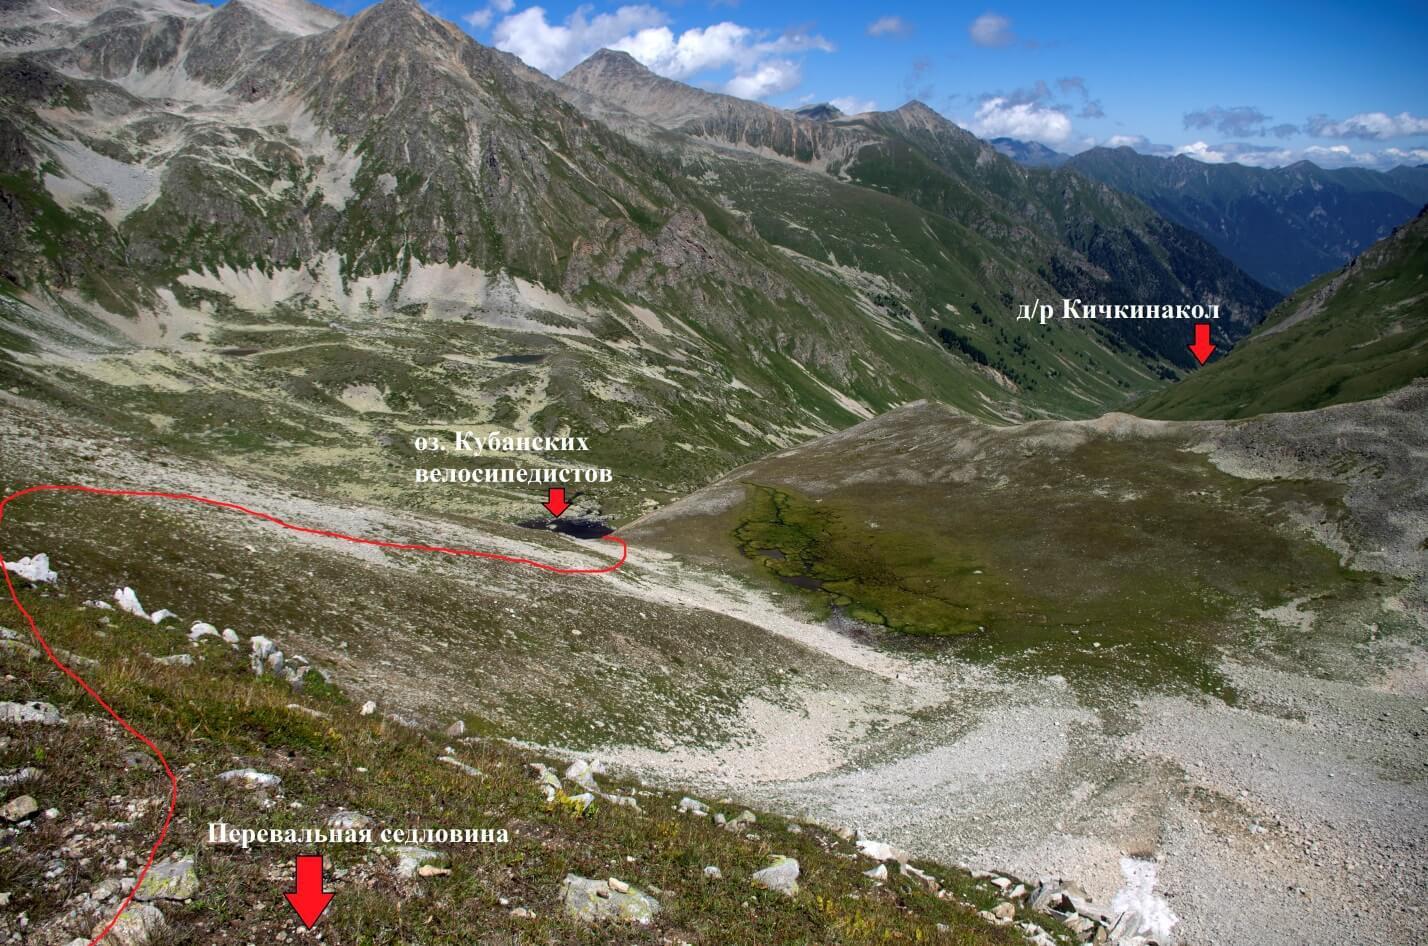 Отчет о горном походе 1 к.с. по Западному Кавказу